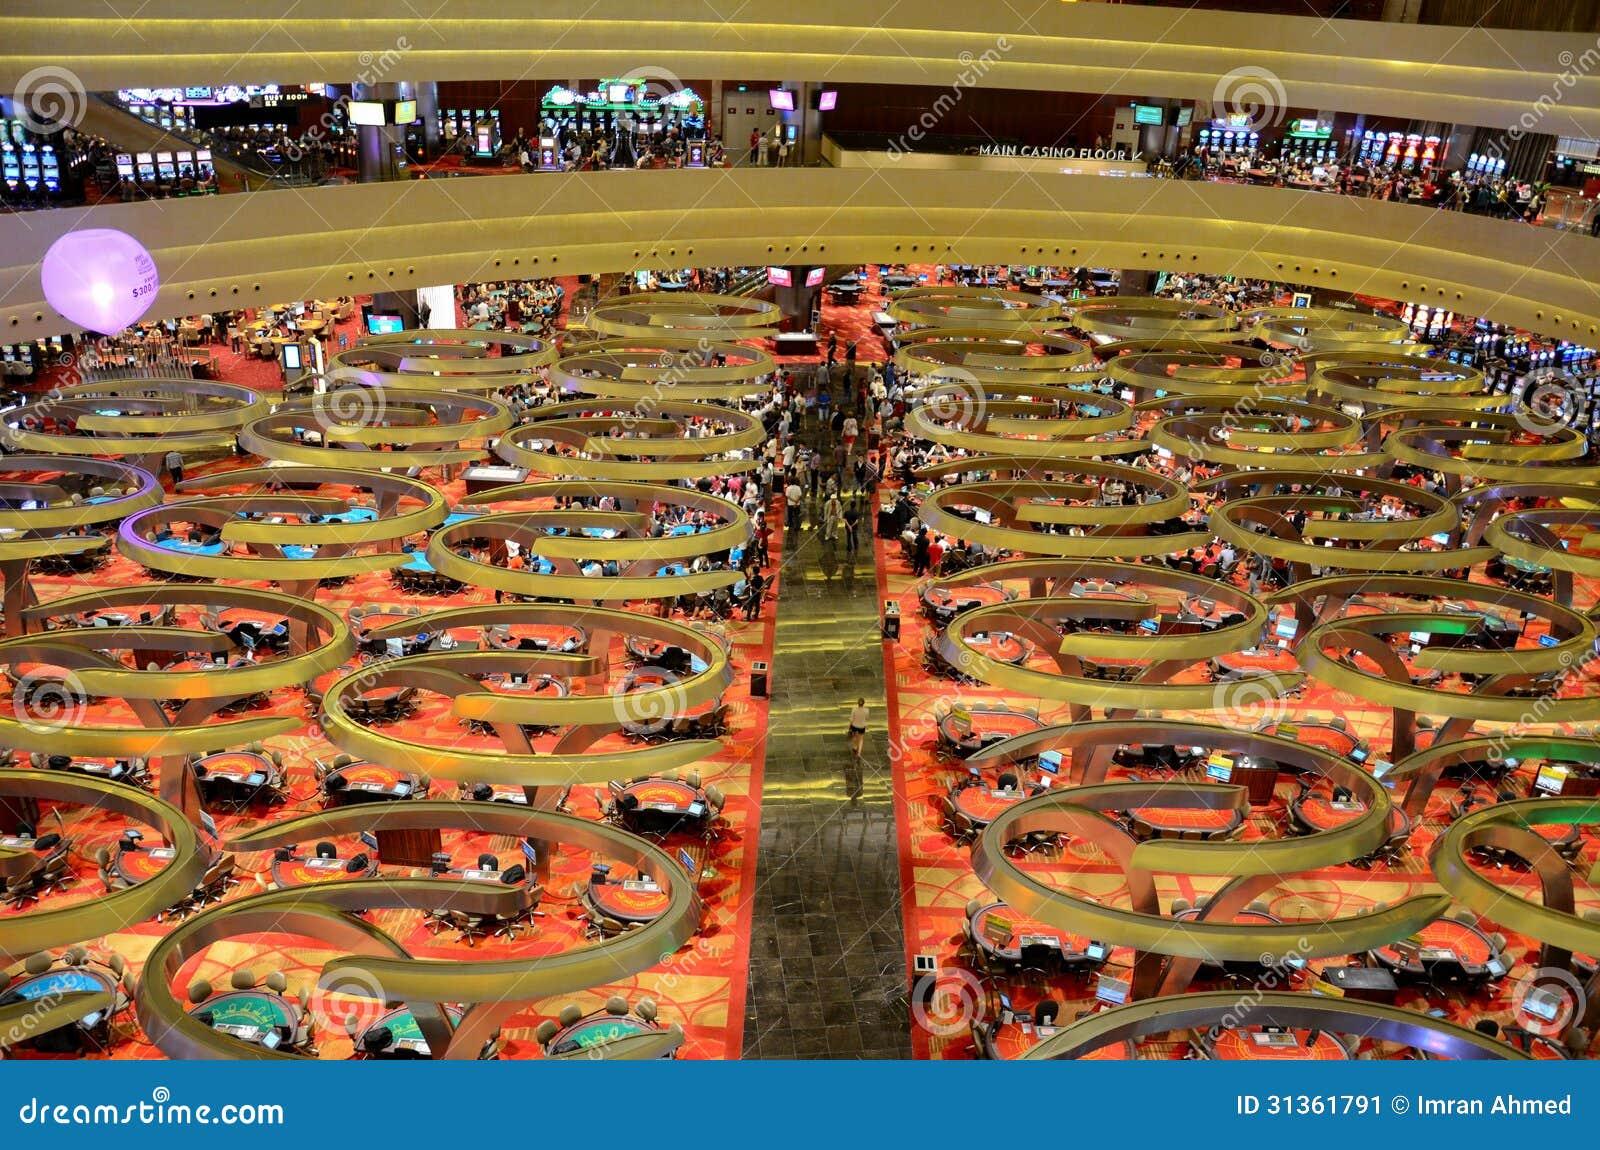 Marina bay sands slots